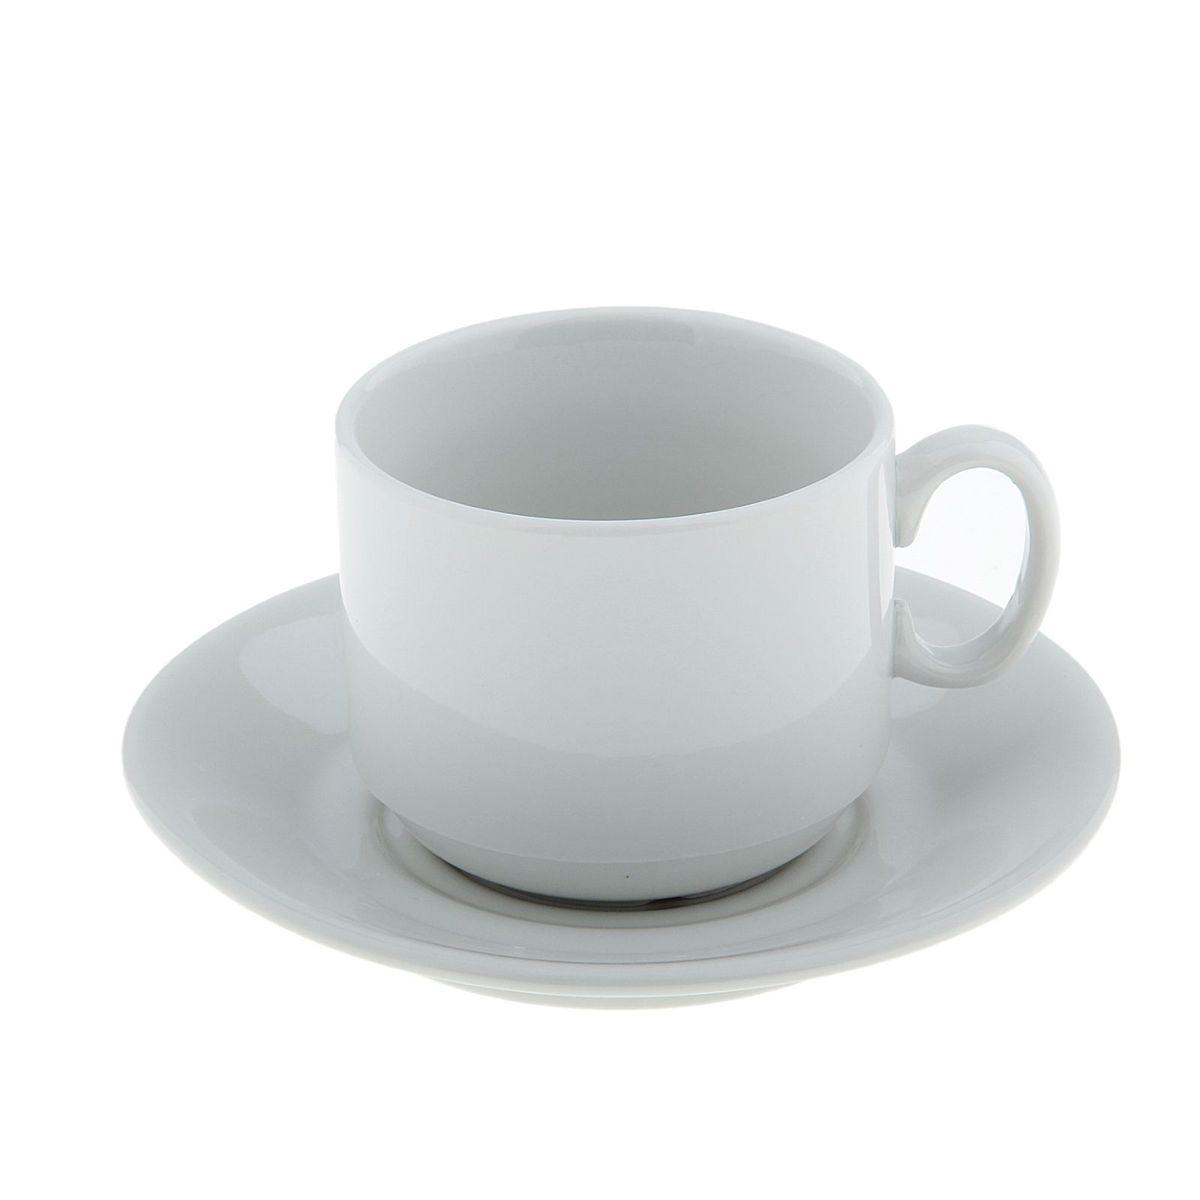 Чайная пара Экспресс. Белье, 2 предмета507828Чайная пара 220 мл, ф. 287, Экспресс белье чашка+ блюдце